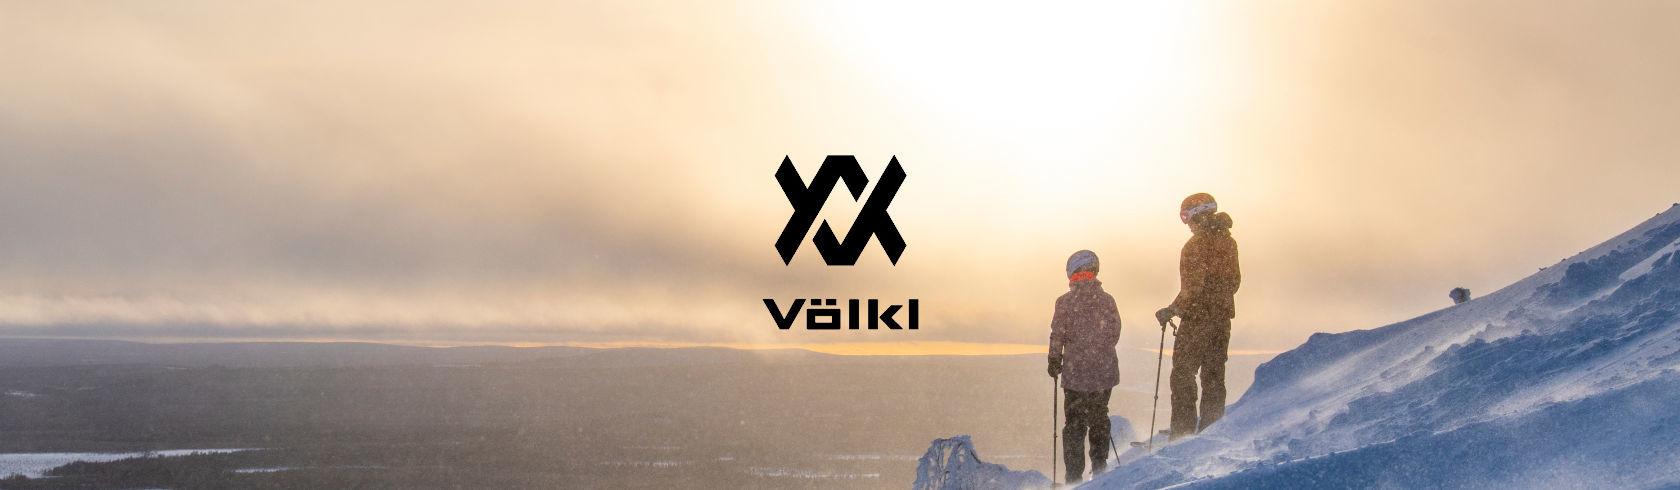 Völkl skis brand logo